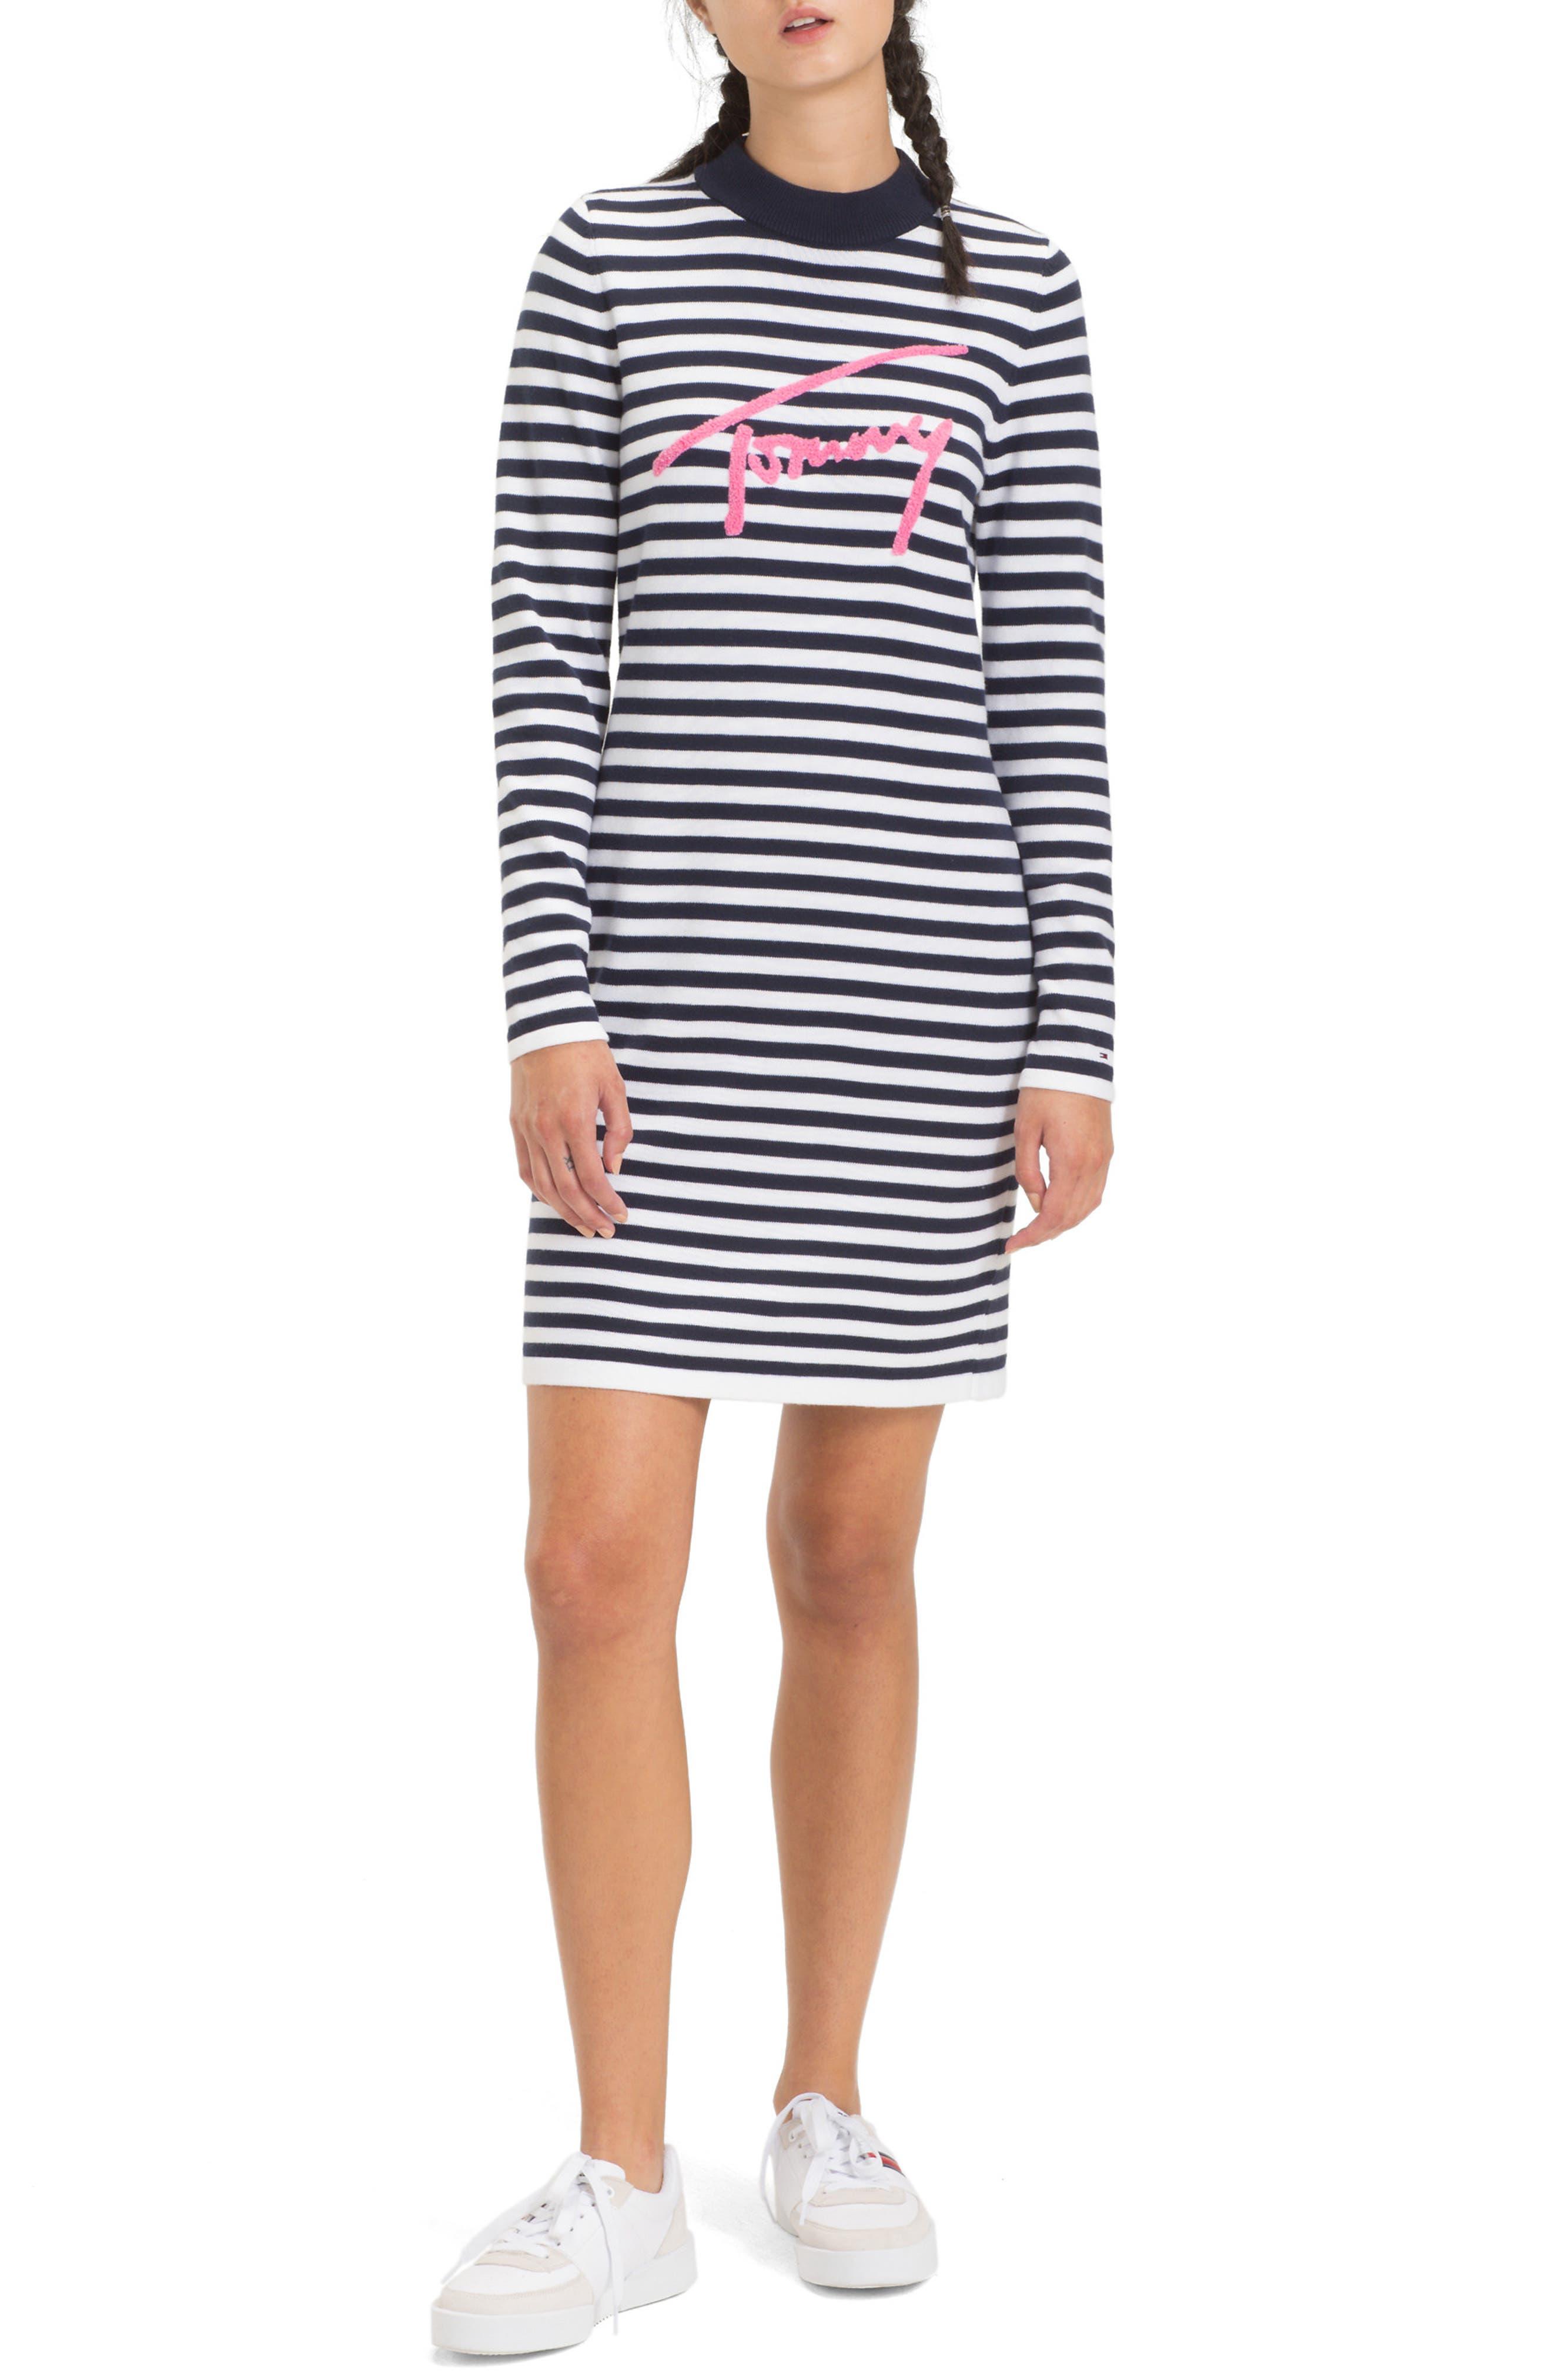 TJW Chenille Logo Stripe Dress,                             Main thumbnail 1, color,                             BLACK IRIS / CLASSIC WHITE